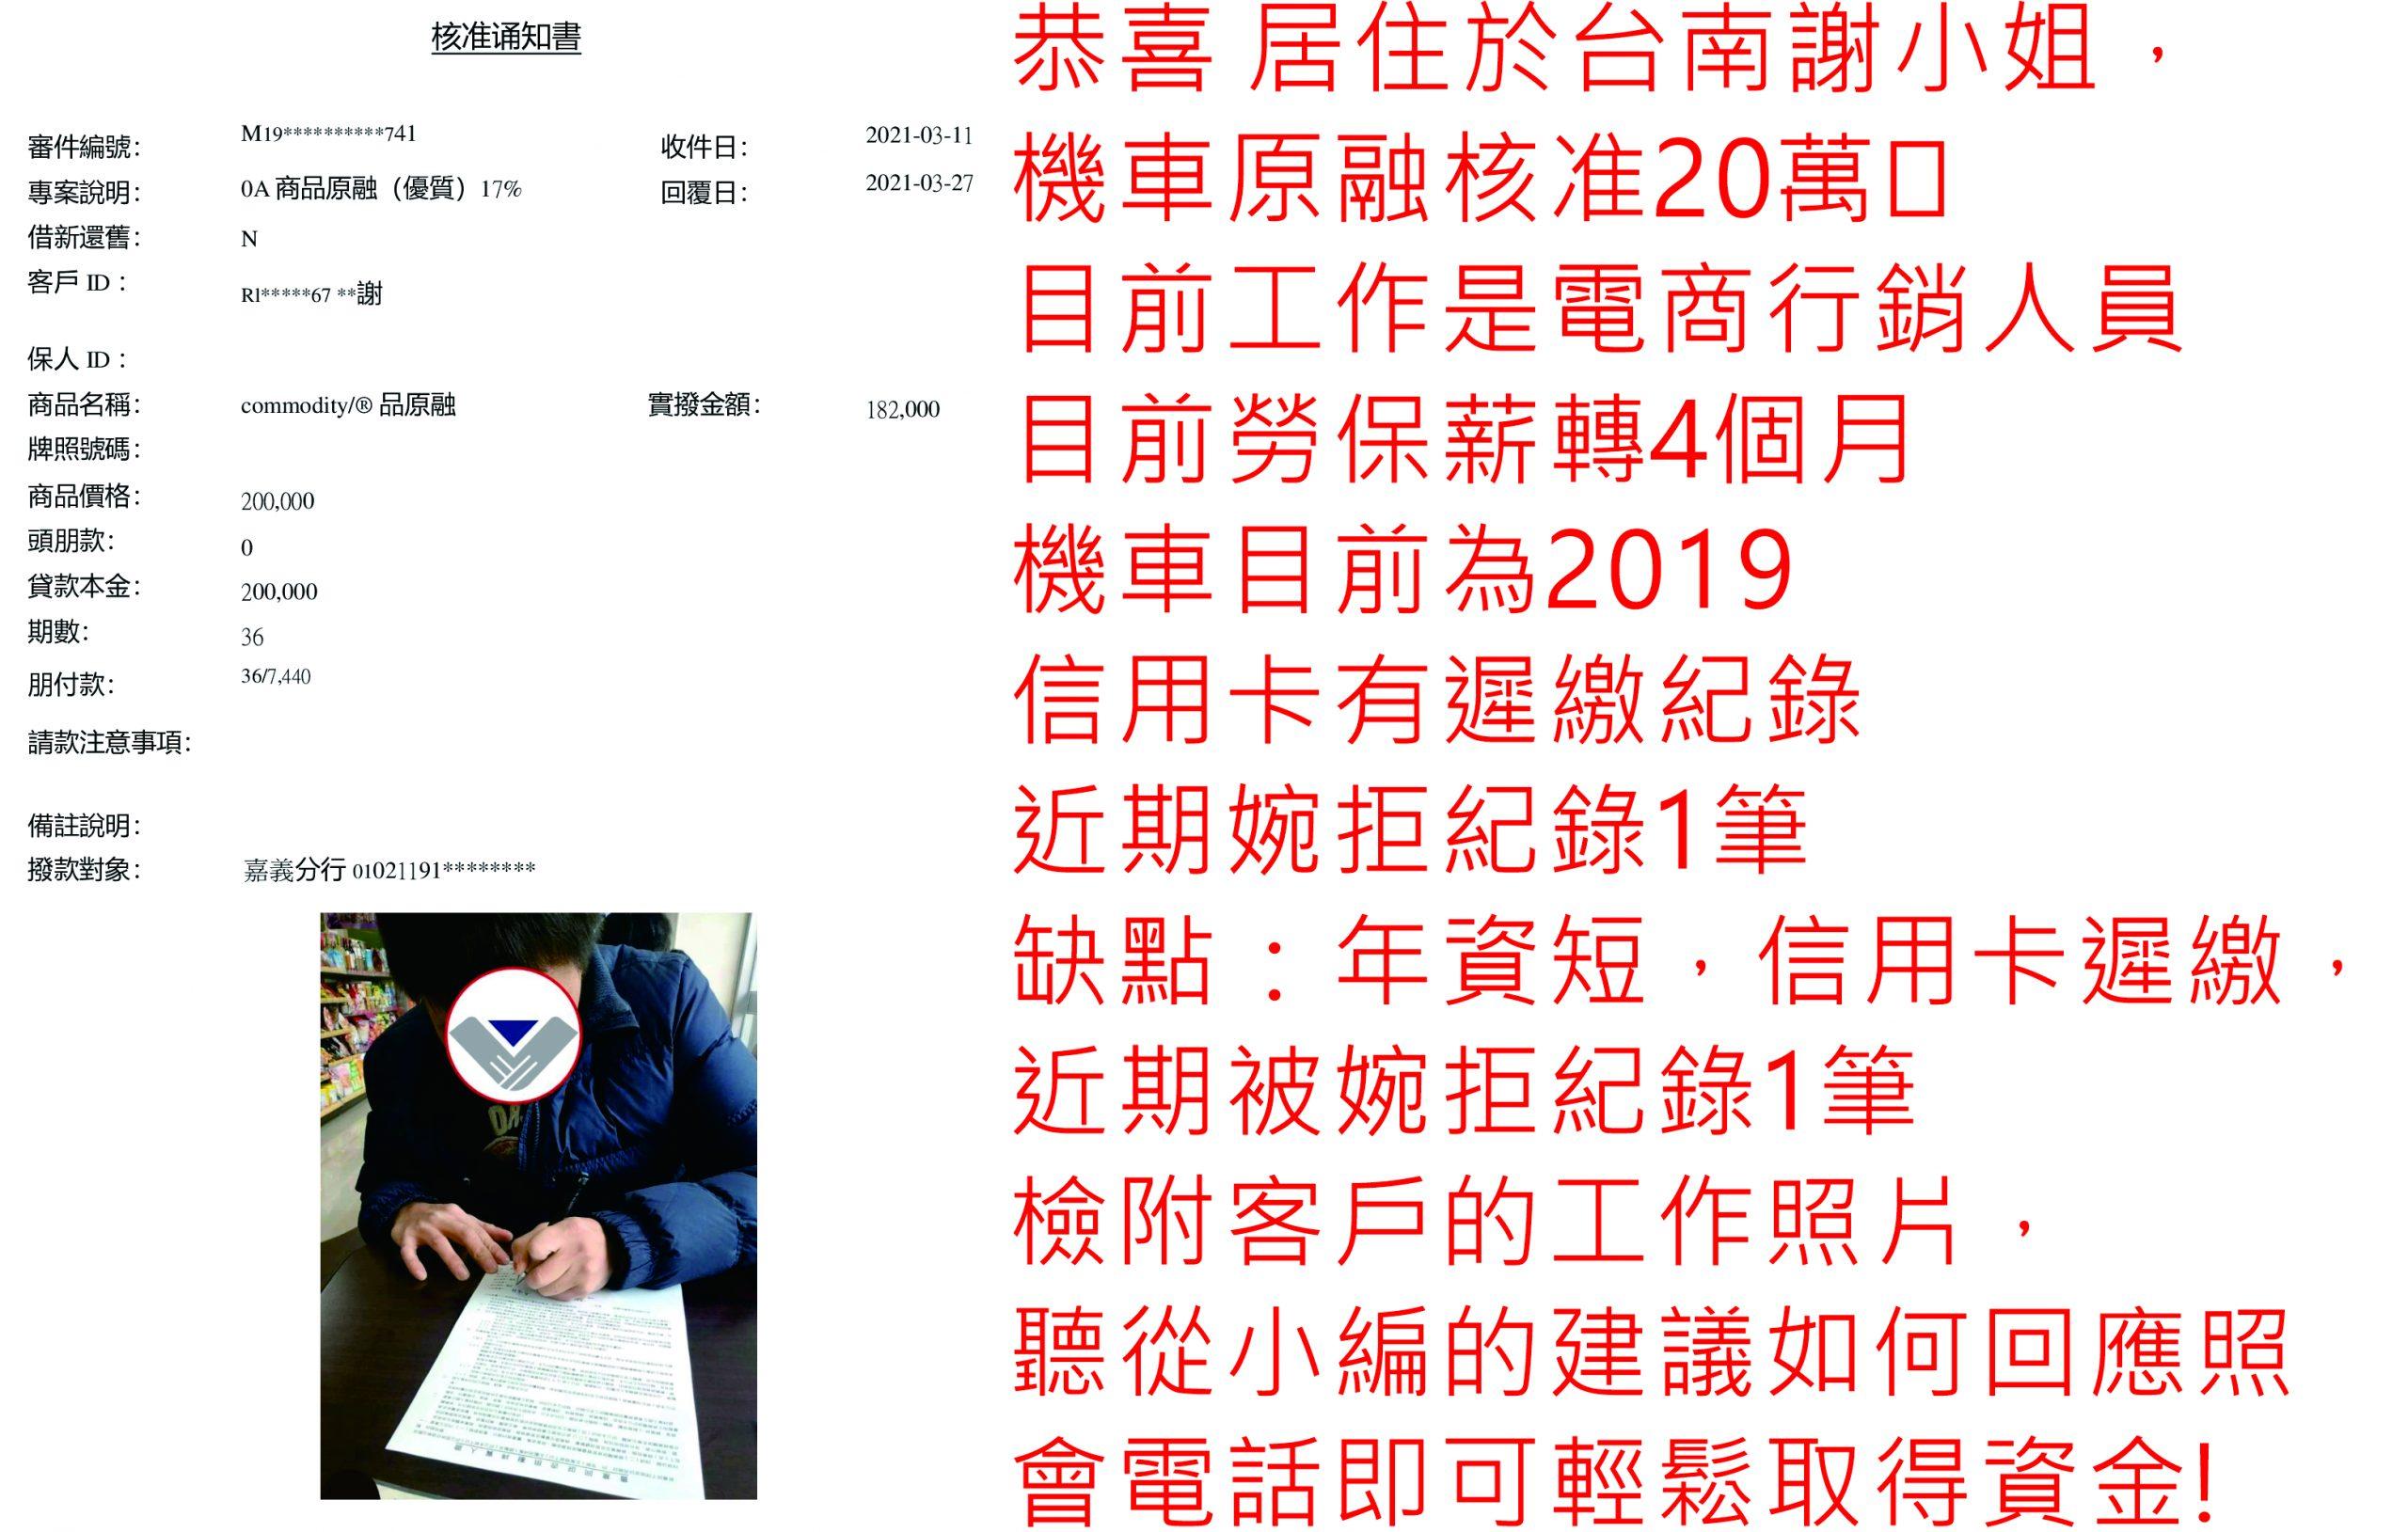 真心相貸機車貸款服務案例-台南謝小姐核貸20萬